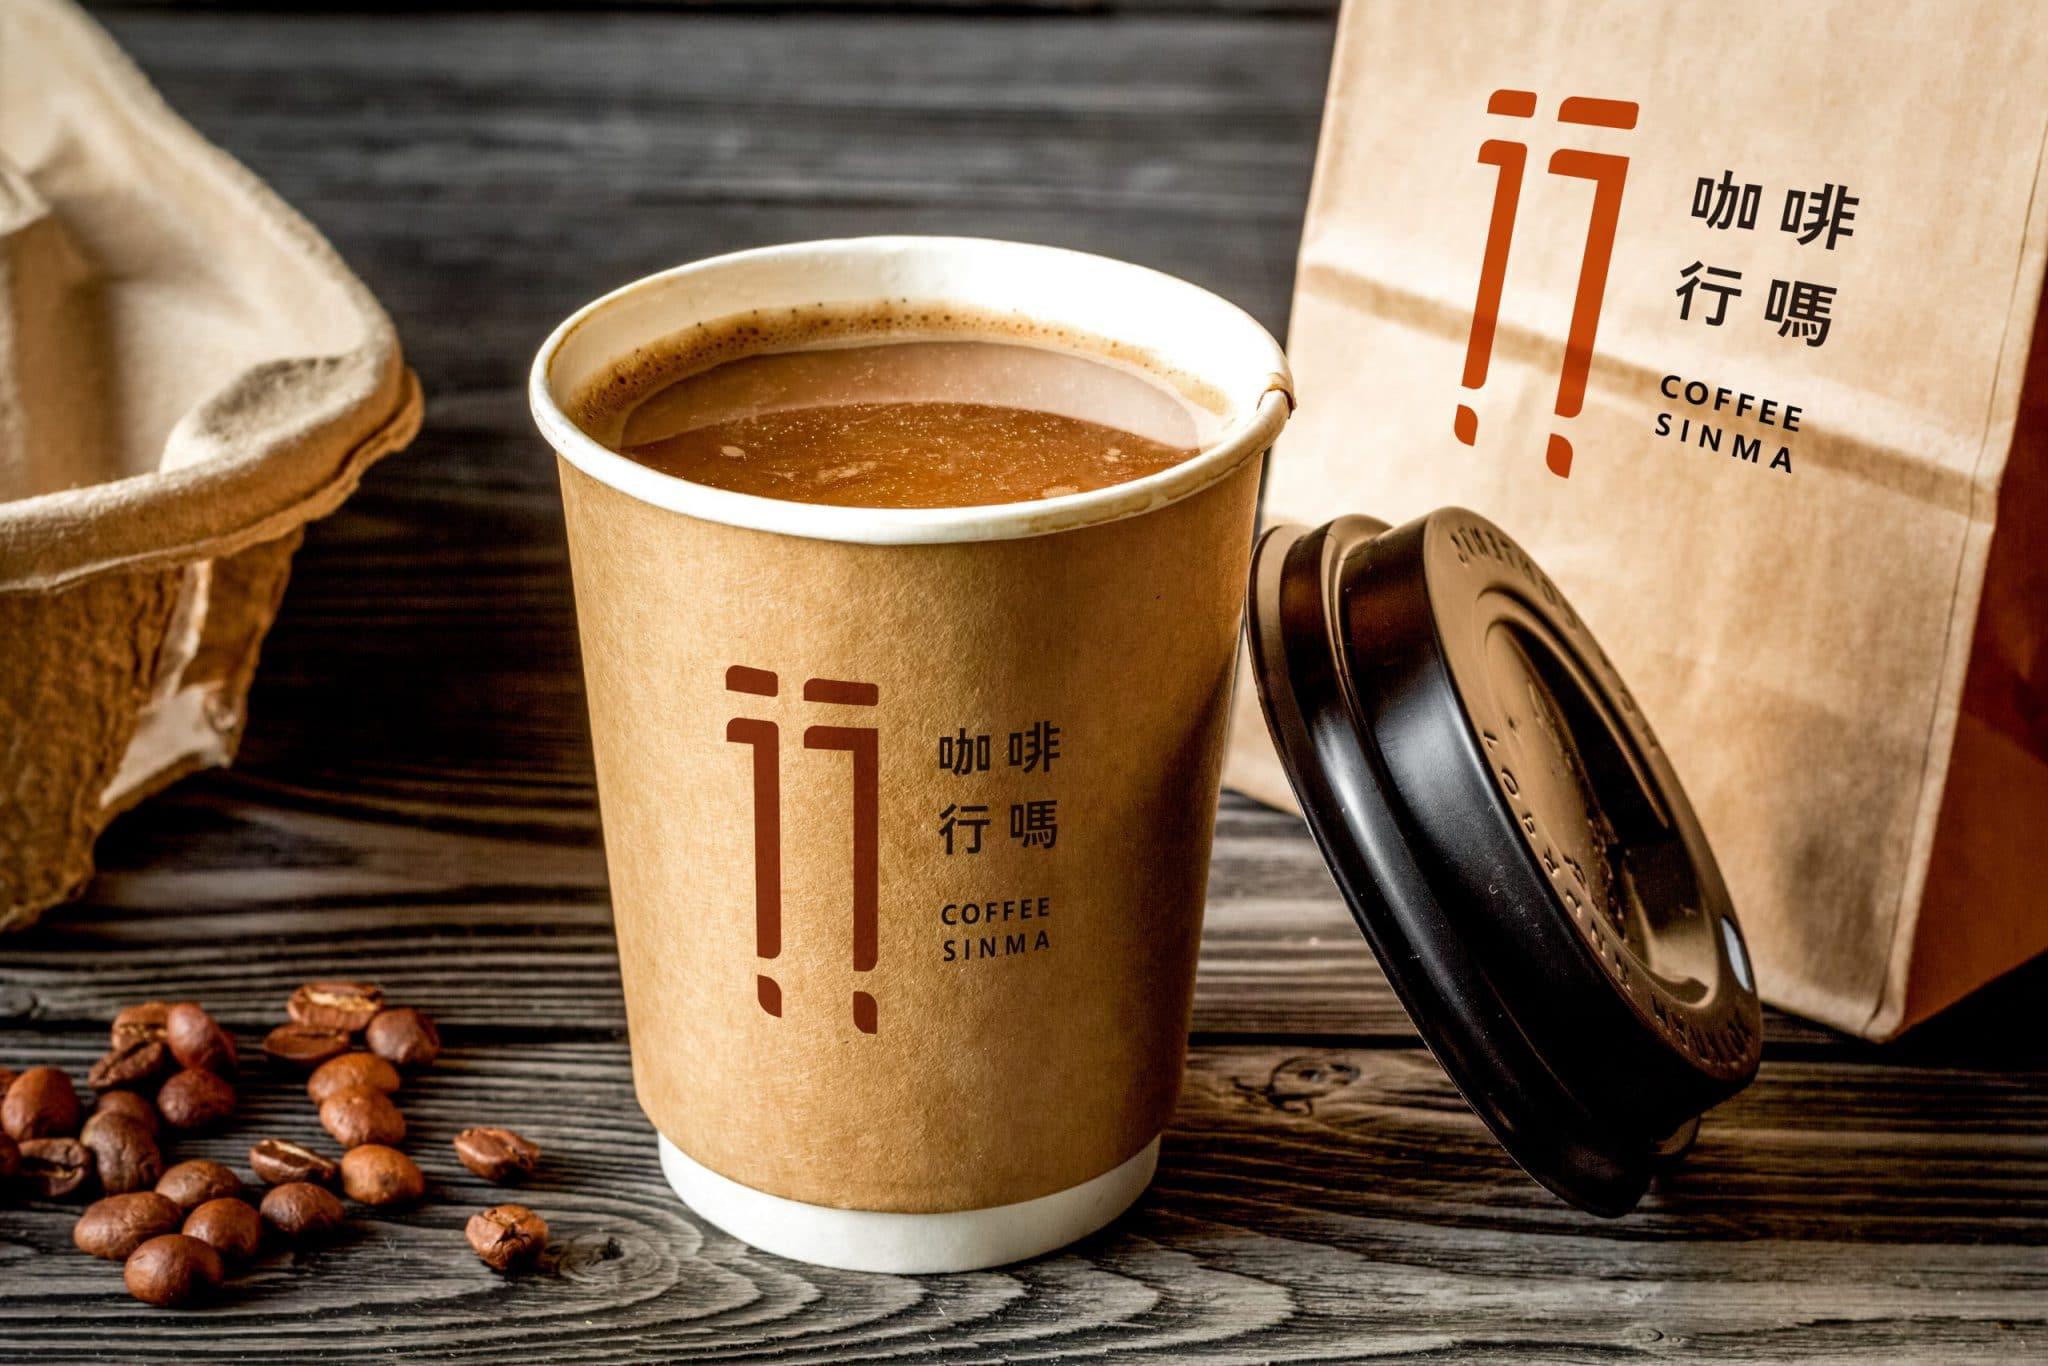 咖啡行嗎 LOGO設計 形象設計 品牌設計 商標設計